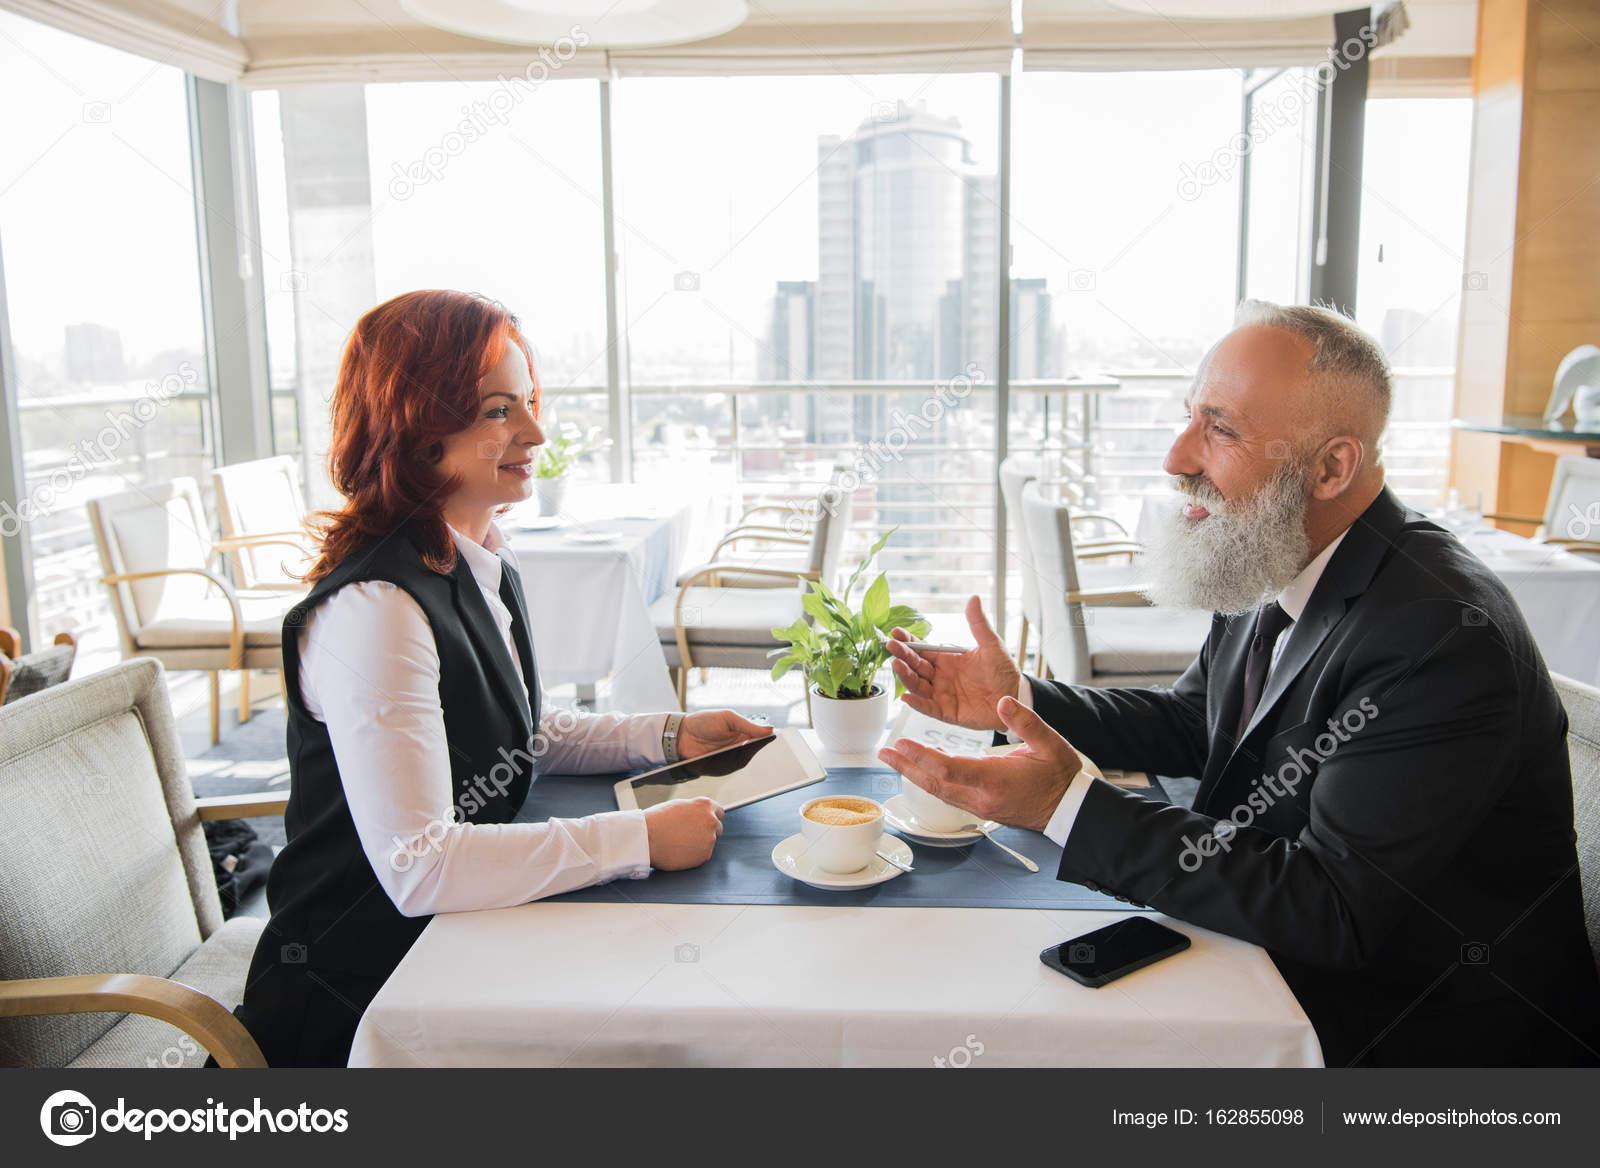 Rencontre au restaurant vivastreet site de rencontre rencontre musulman serieux rencontre